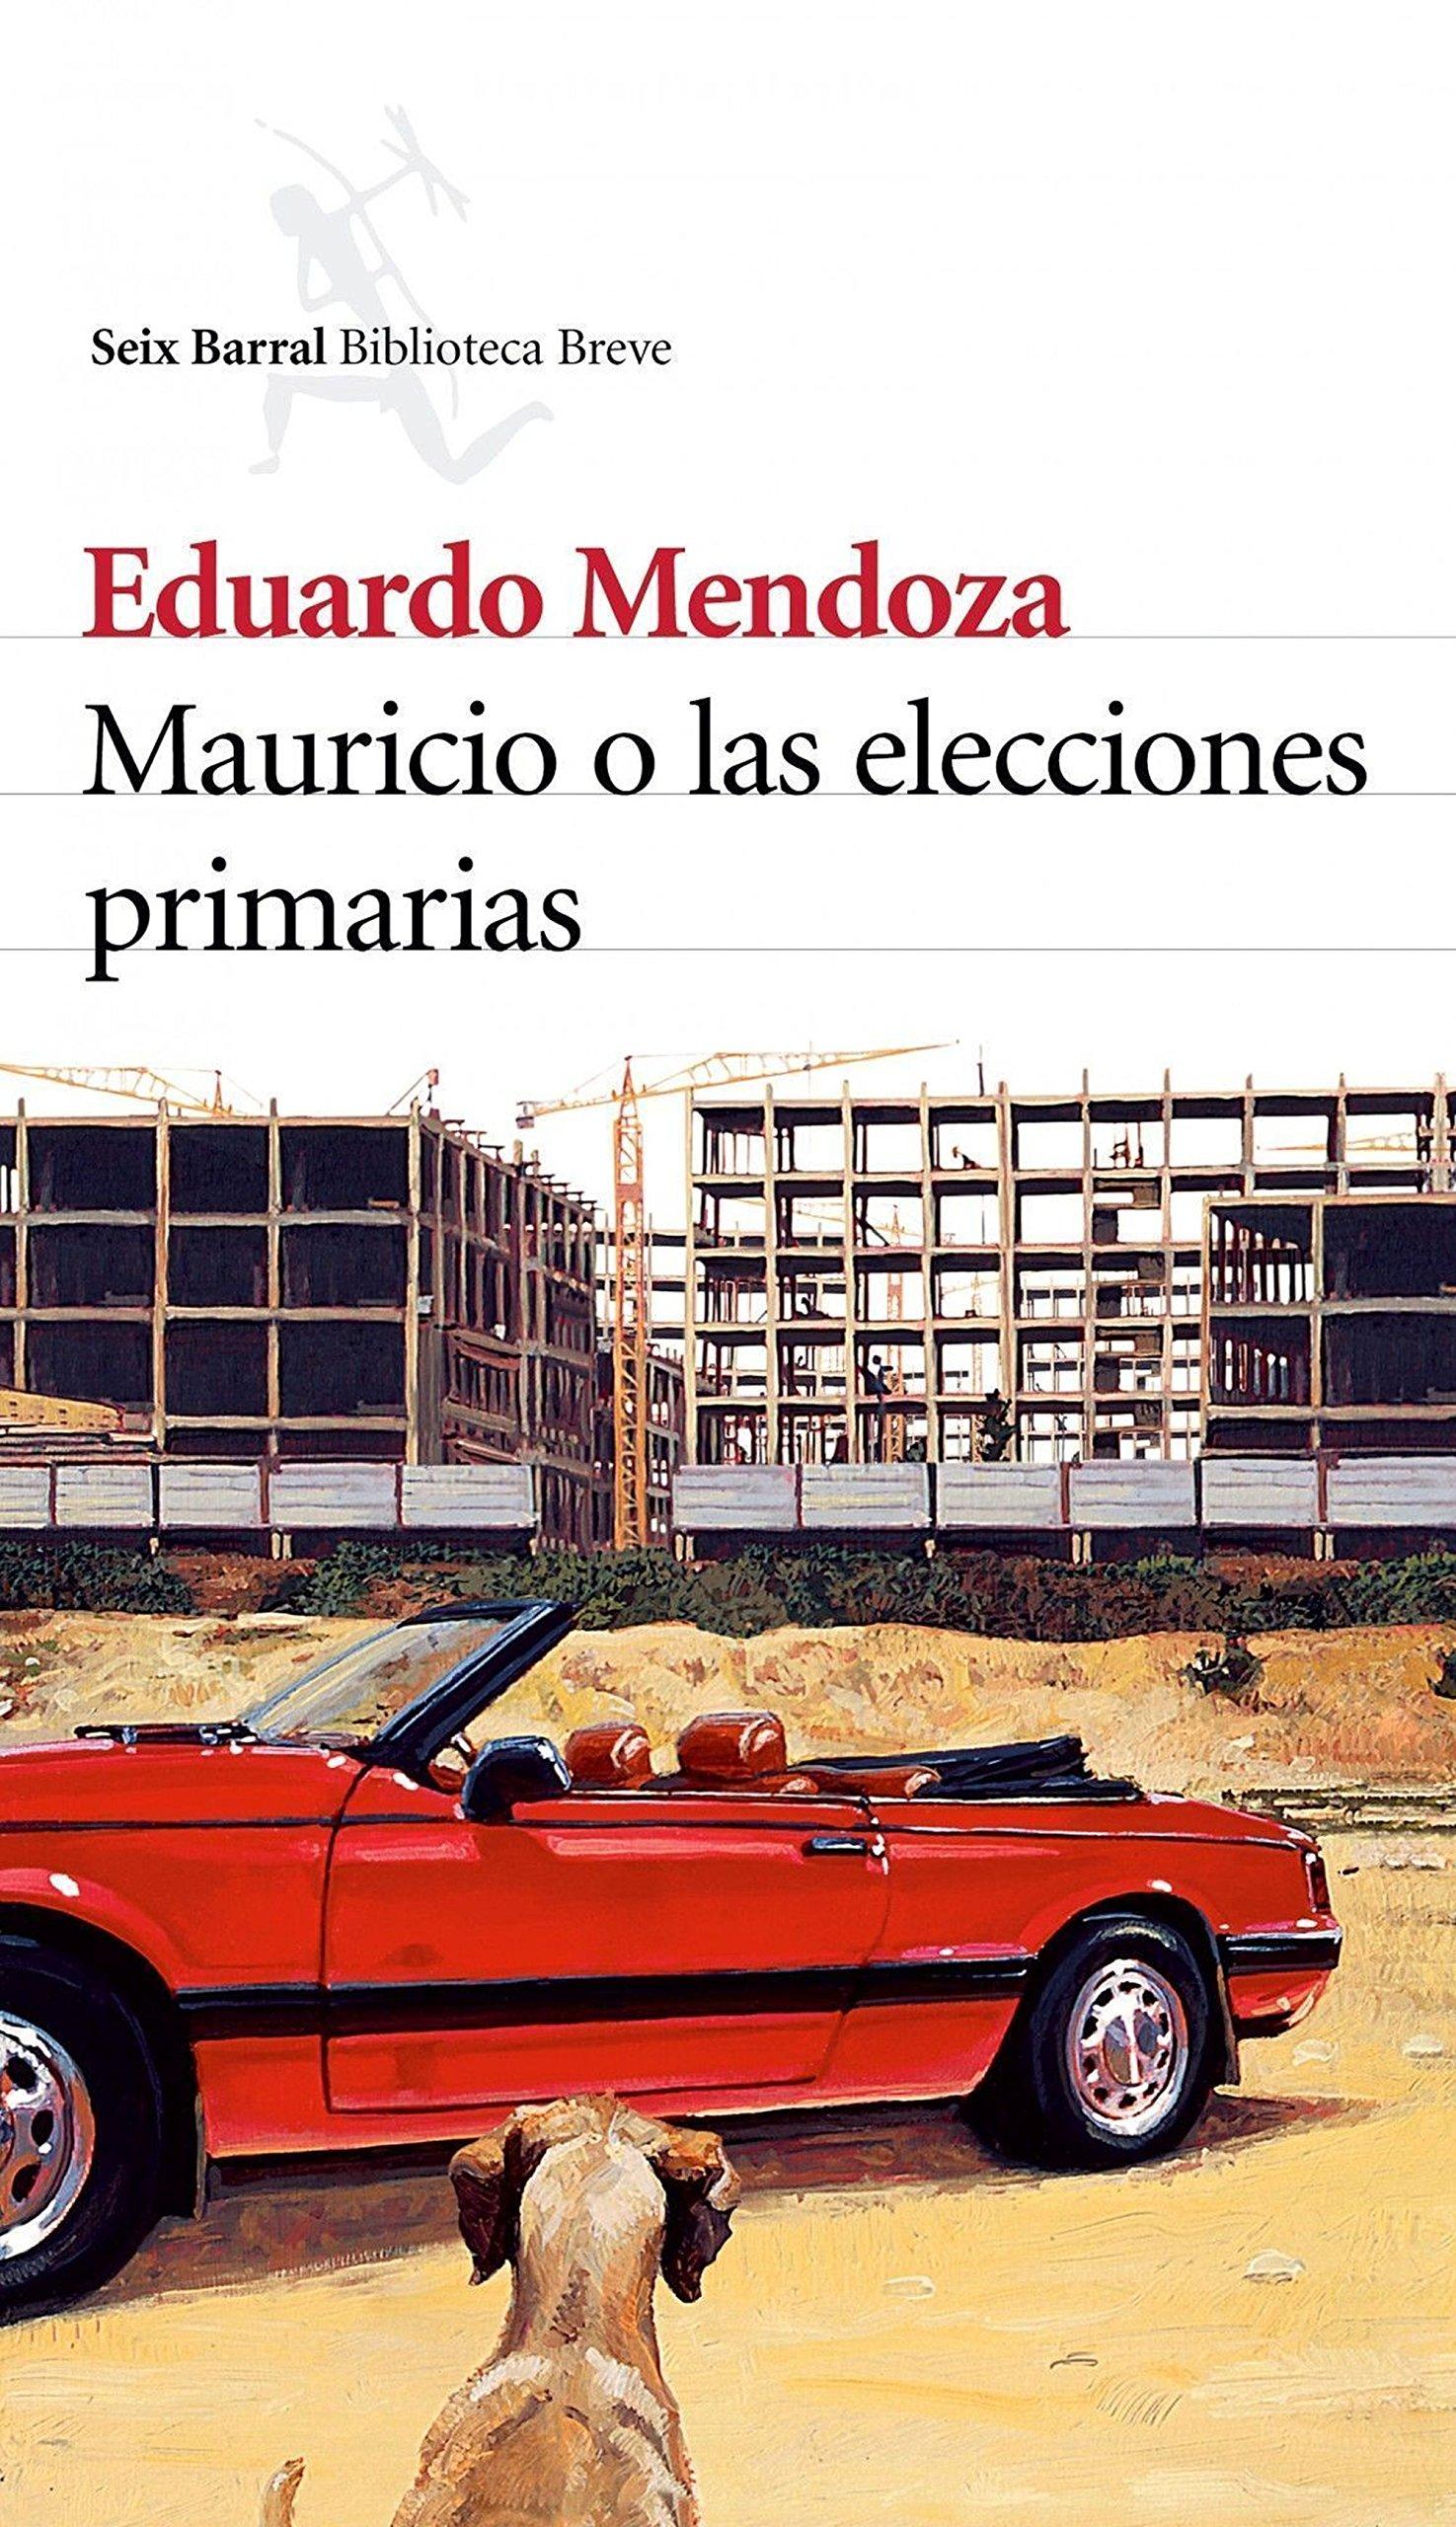 Mauricio o las elecciones primarias Biblioteca Breve: Amazon.es: Eduardo Mendoza: Libros